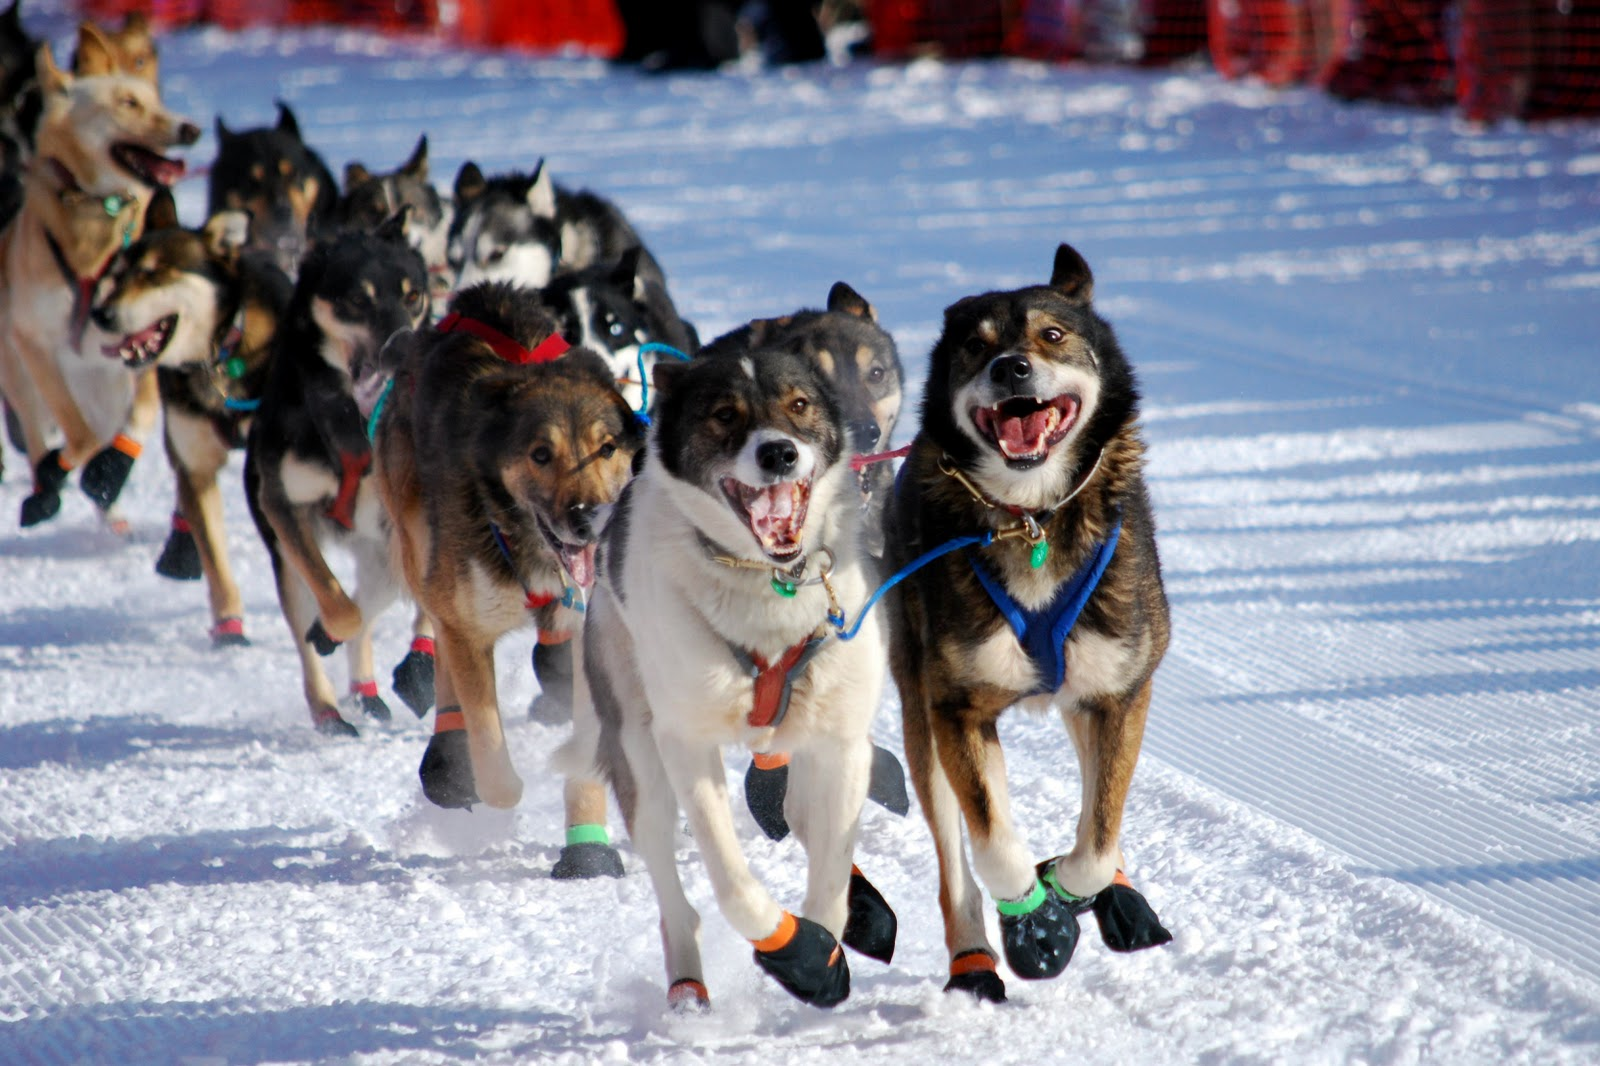 how to build an alaskan dog sled